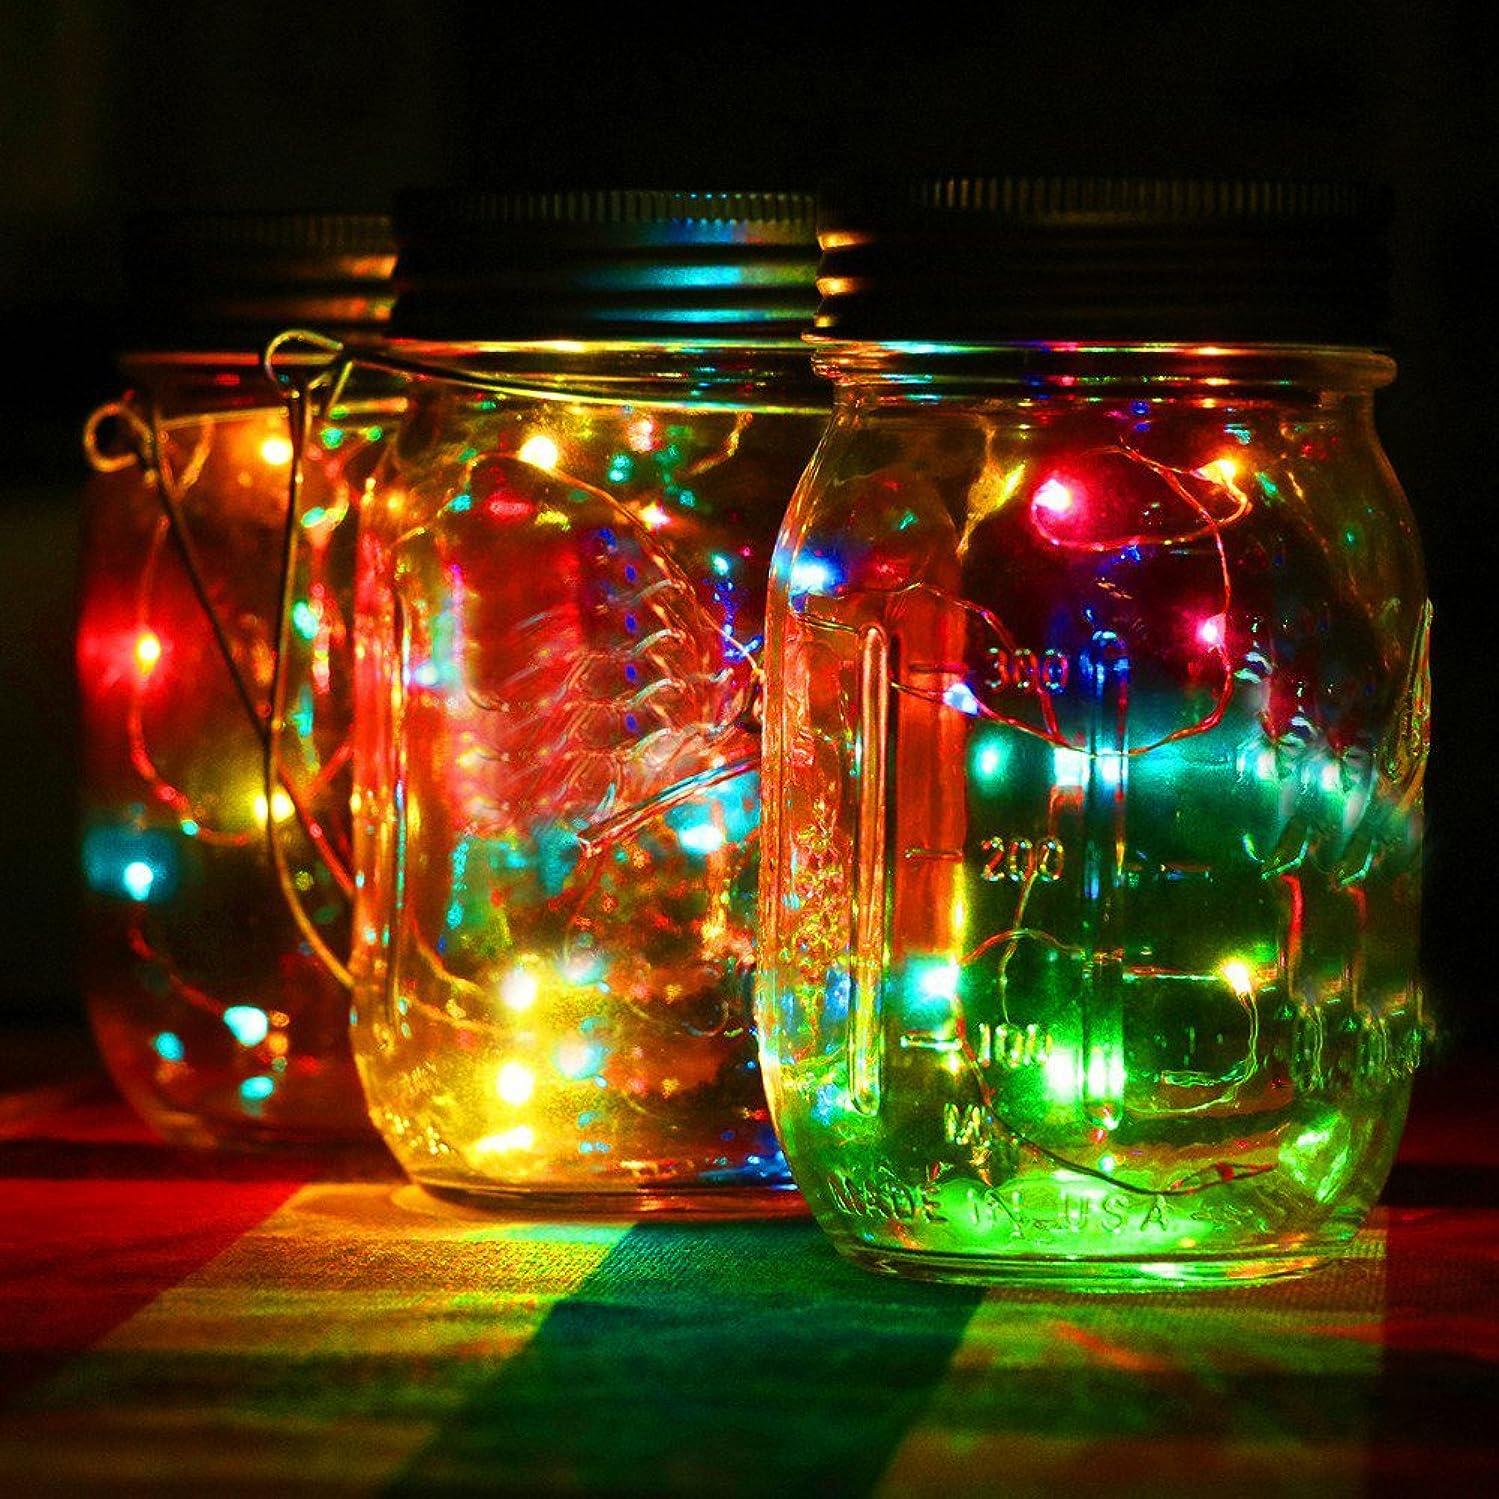 変形ワイヤーセントソーラー LEDイルミネーションライト Timsa ソーラー フェアリーライト LED装飾ライト 瓶形 ランタン LED 飾り ライト LEDストリングライト 室内 室外 庭 バレンタインデー パーティー ハロウィン クリスマス装飾 学園祭 電飾 誕生日プレゼント (2M 20球, ホワイト)